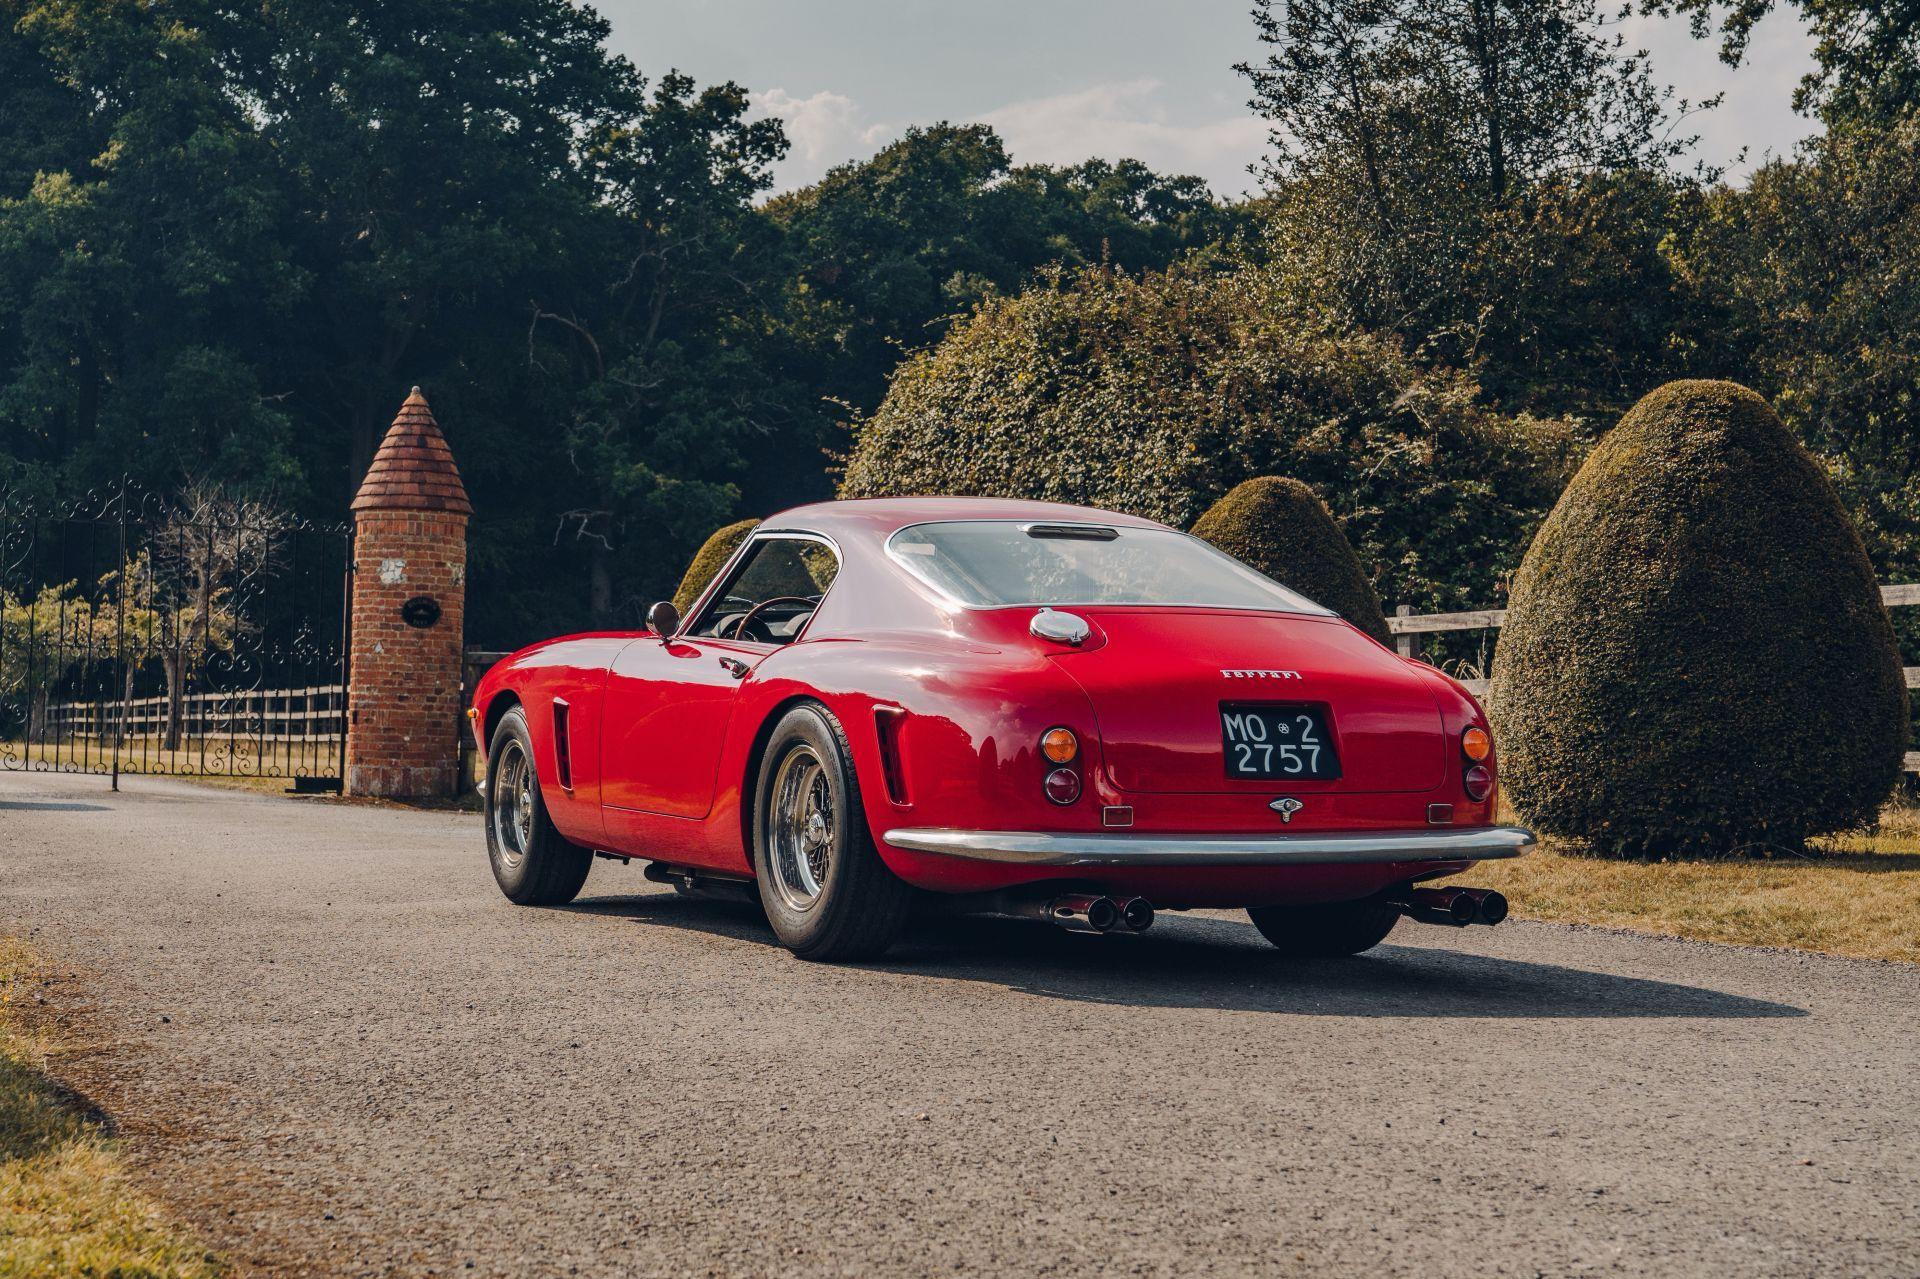 Ferrari-250-GT-SWB-Berlinetta-Competizione-Revival-by-GTO-Engineering-1